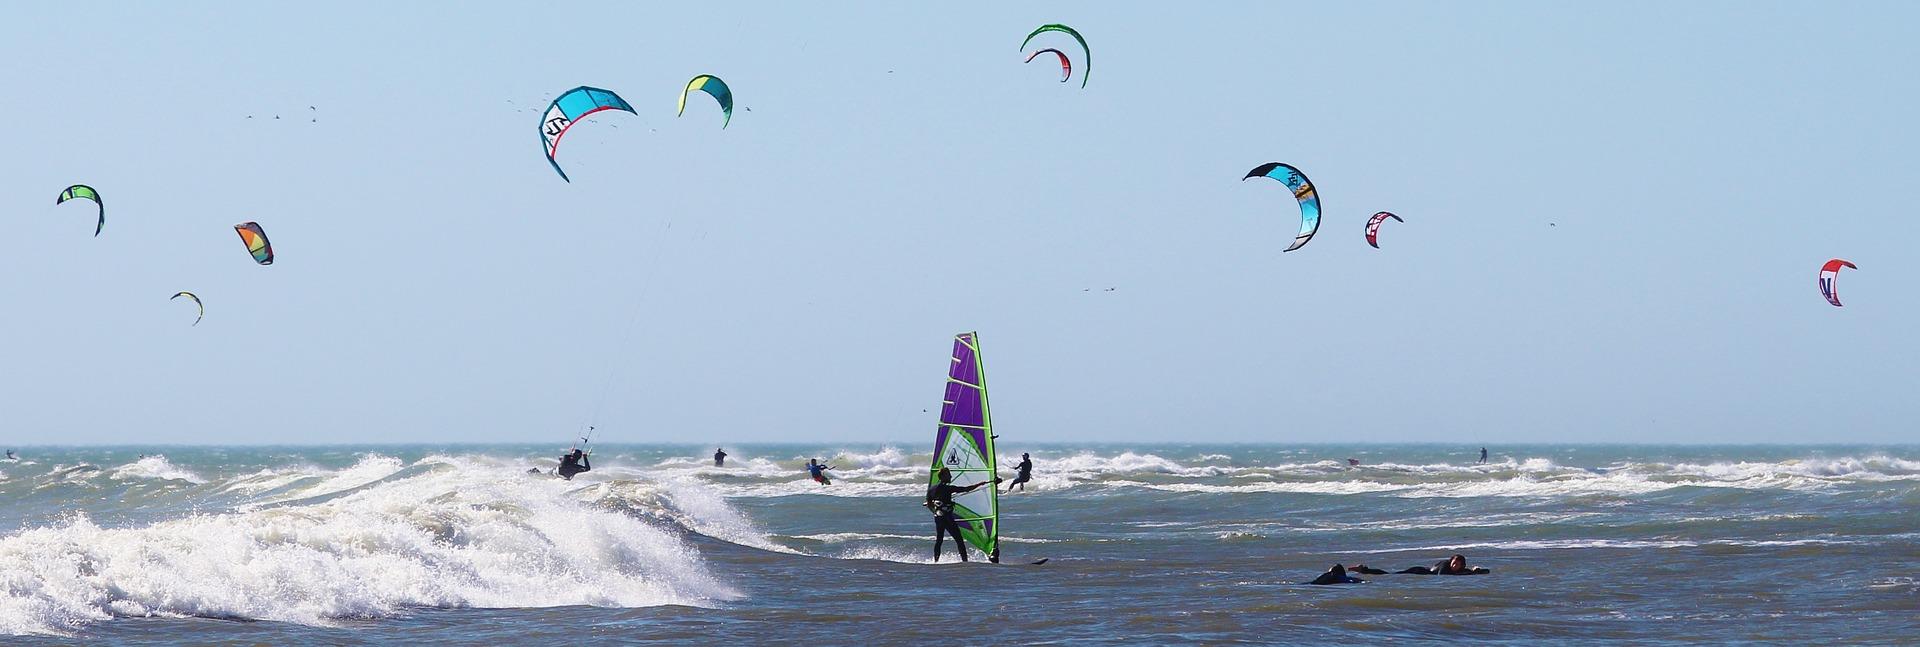 Windsurfer und Kiter water-sports-585708_1920